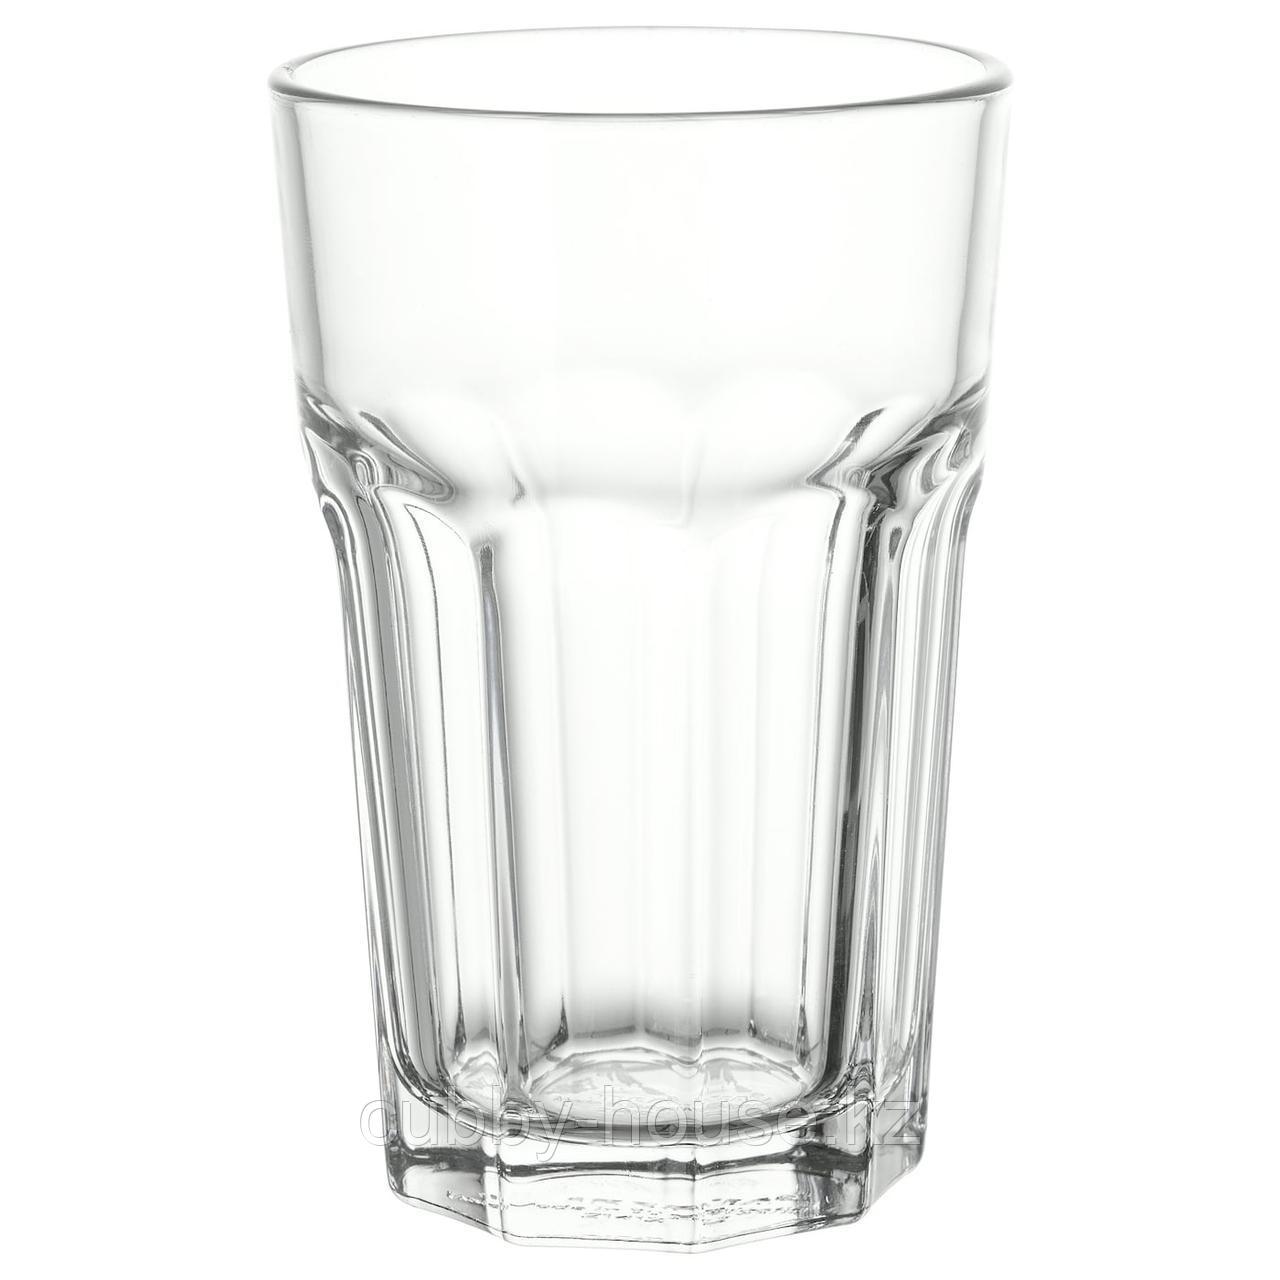 ПОКАЛ Стакан, прозрачное стекло, 35 сл